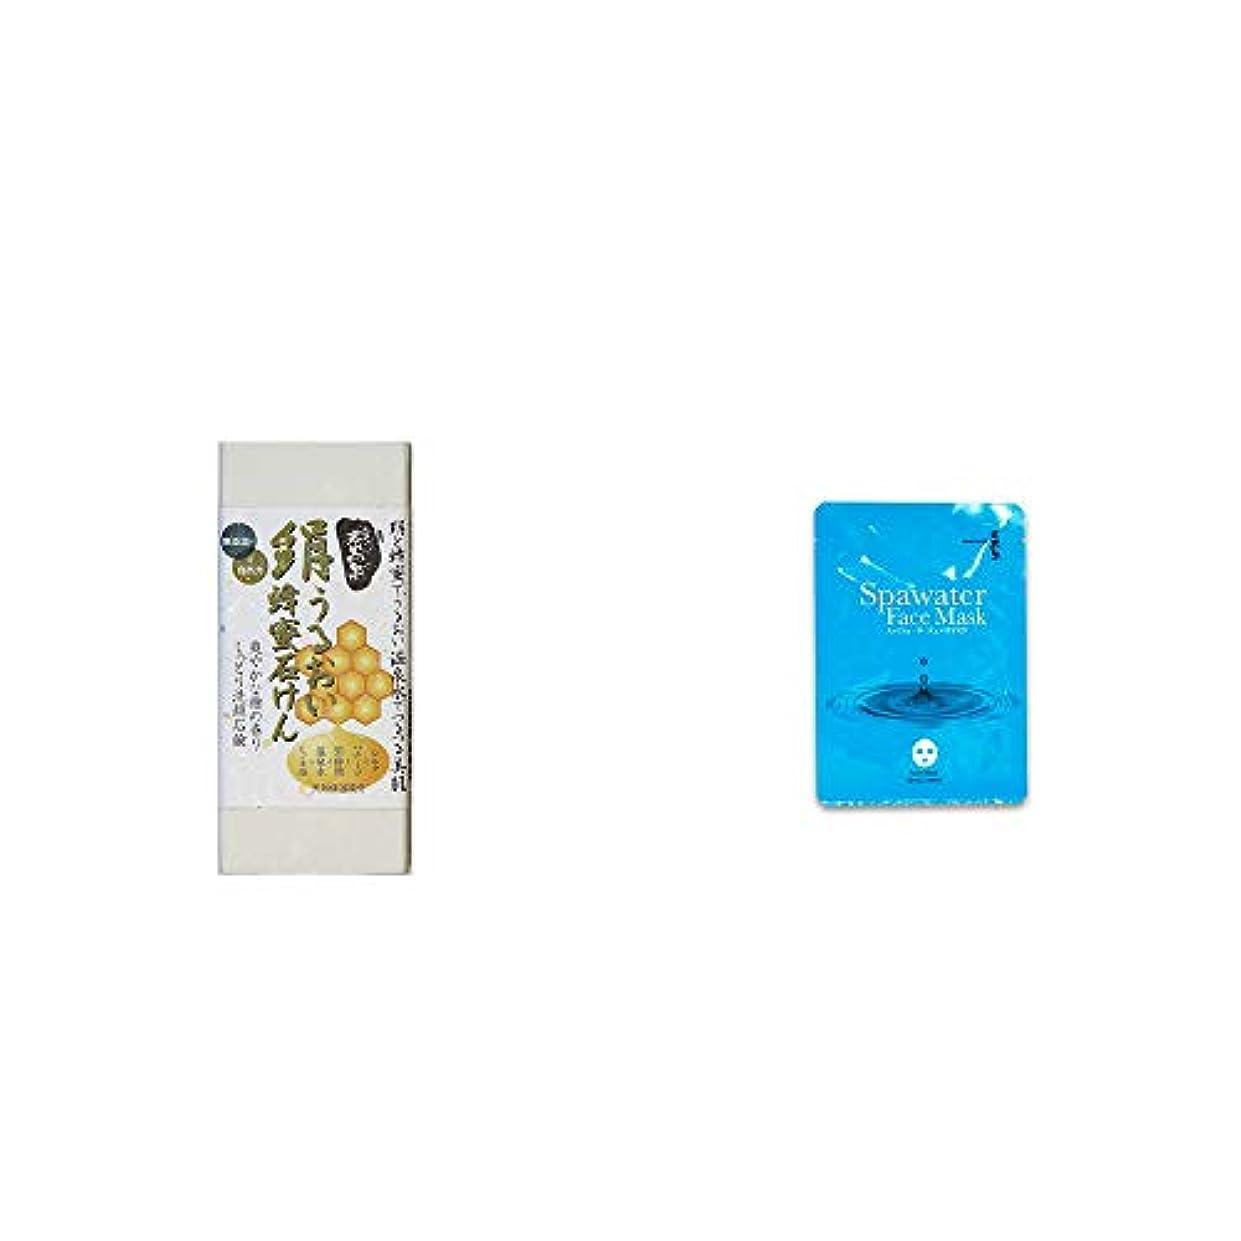 接地証明する浸透する[2点セット] ひのき炭黒泉 絹うるおい蜂蜜石けん(75g×2)?ひのき炭黒泉 スパウォーターフェイスマスク(18ml×3枚入)